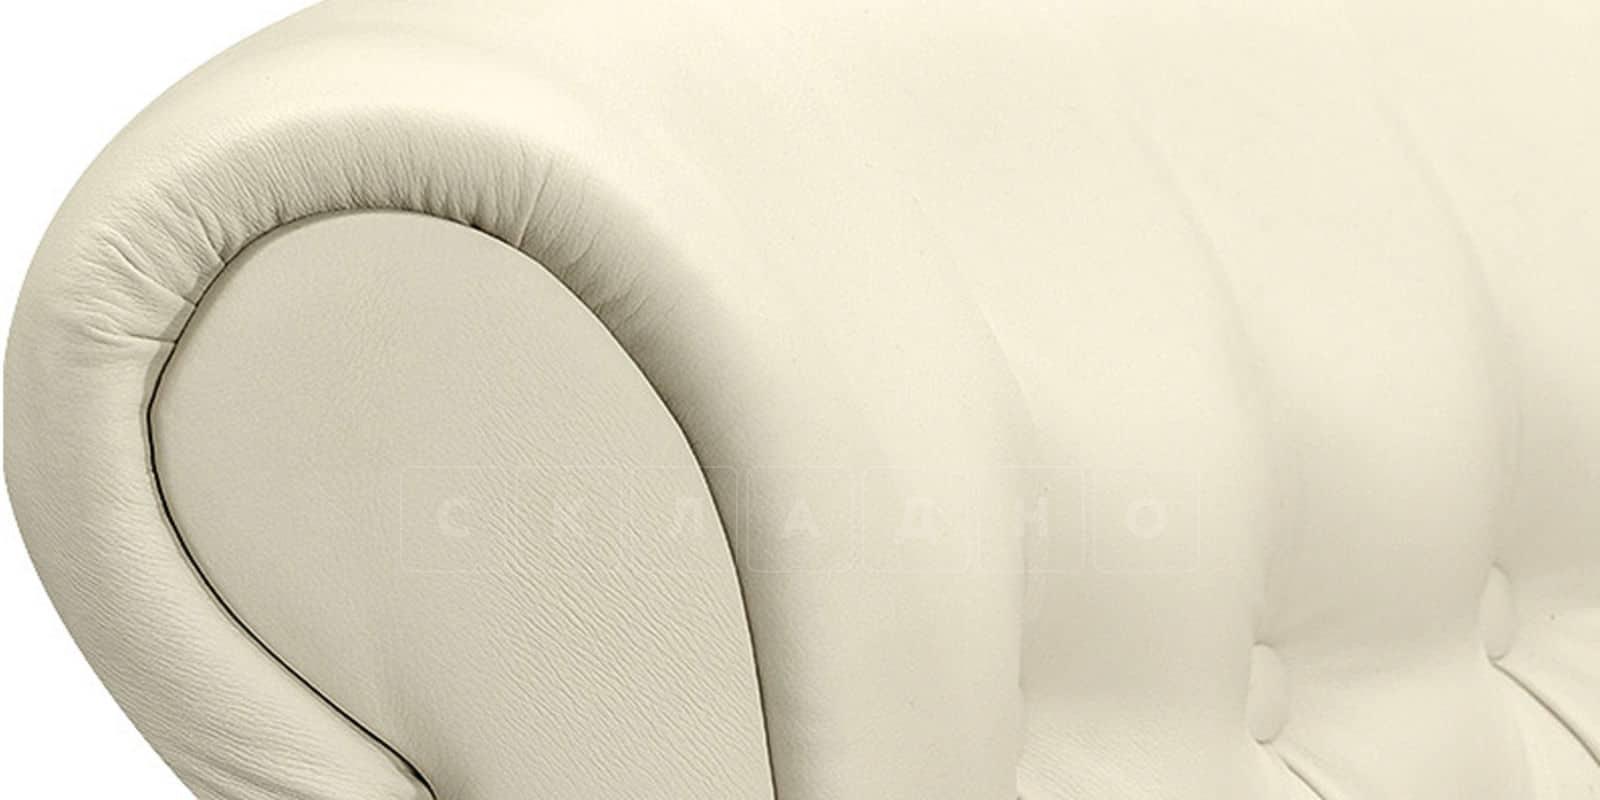 Мягкая кровать Вирджиния 160см экокожа молочного цвета фото 7 | интернет-магазин Складно